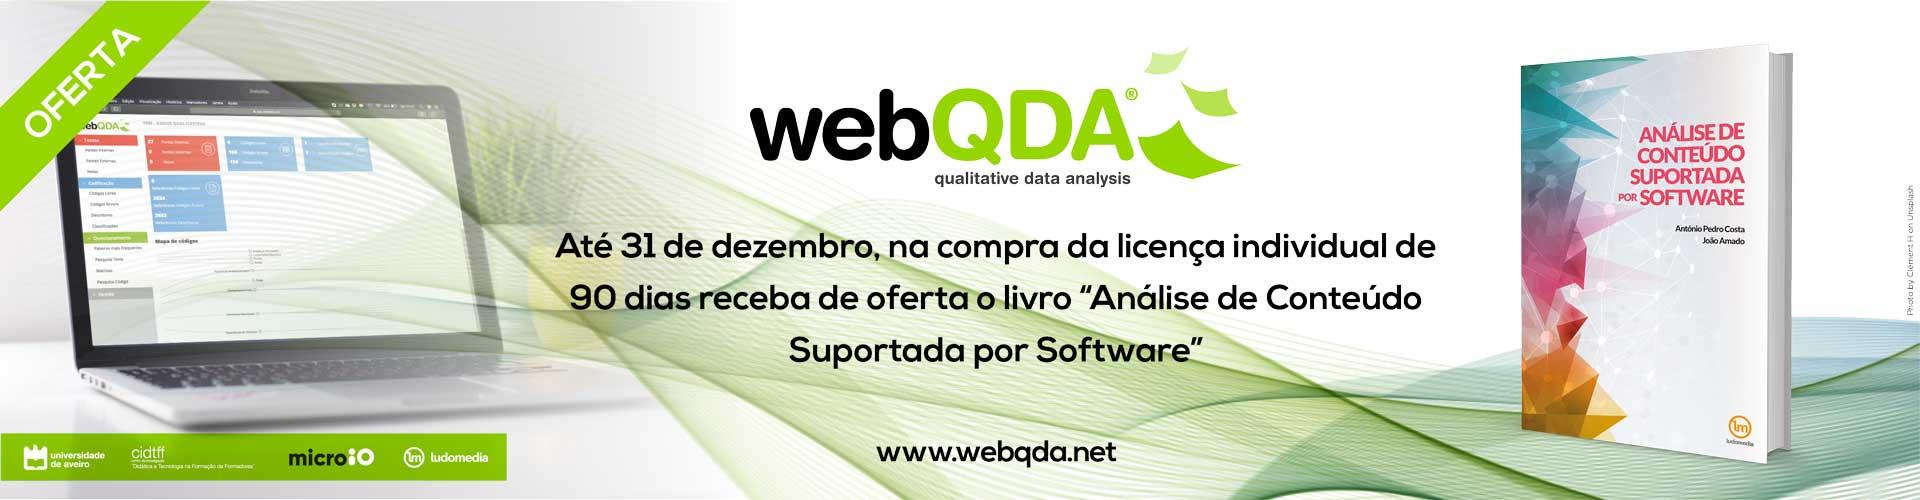 Oferta webQDA - Livro Análise de Conteúdo Suportada por Software